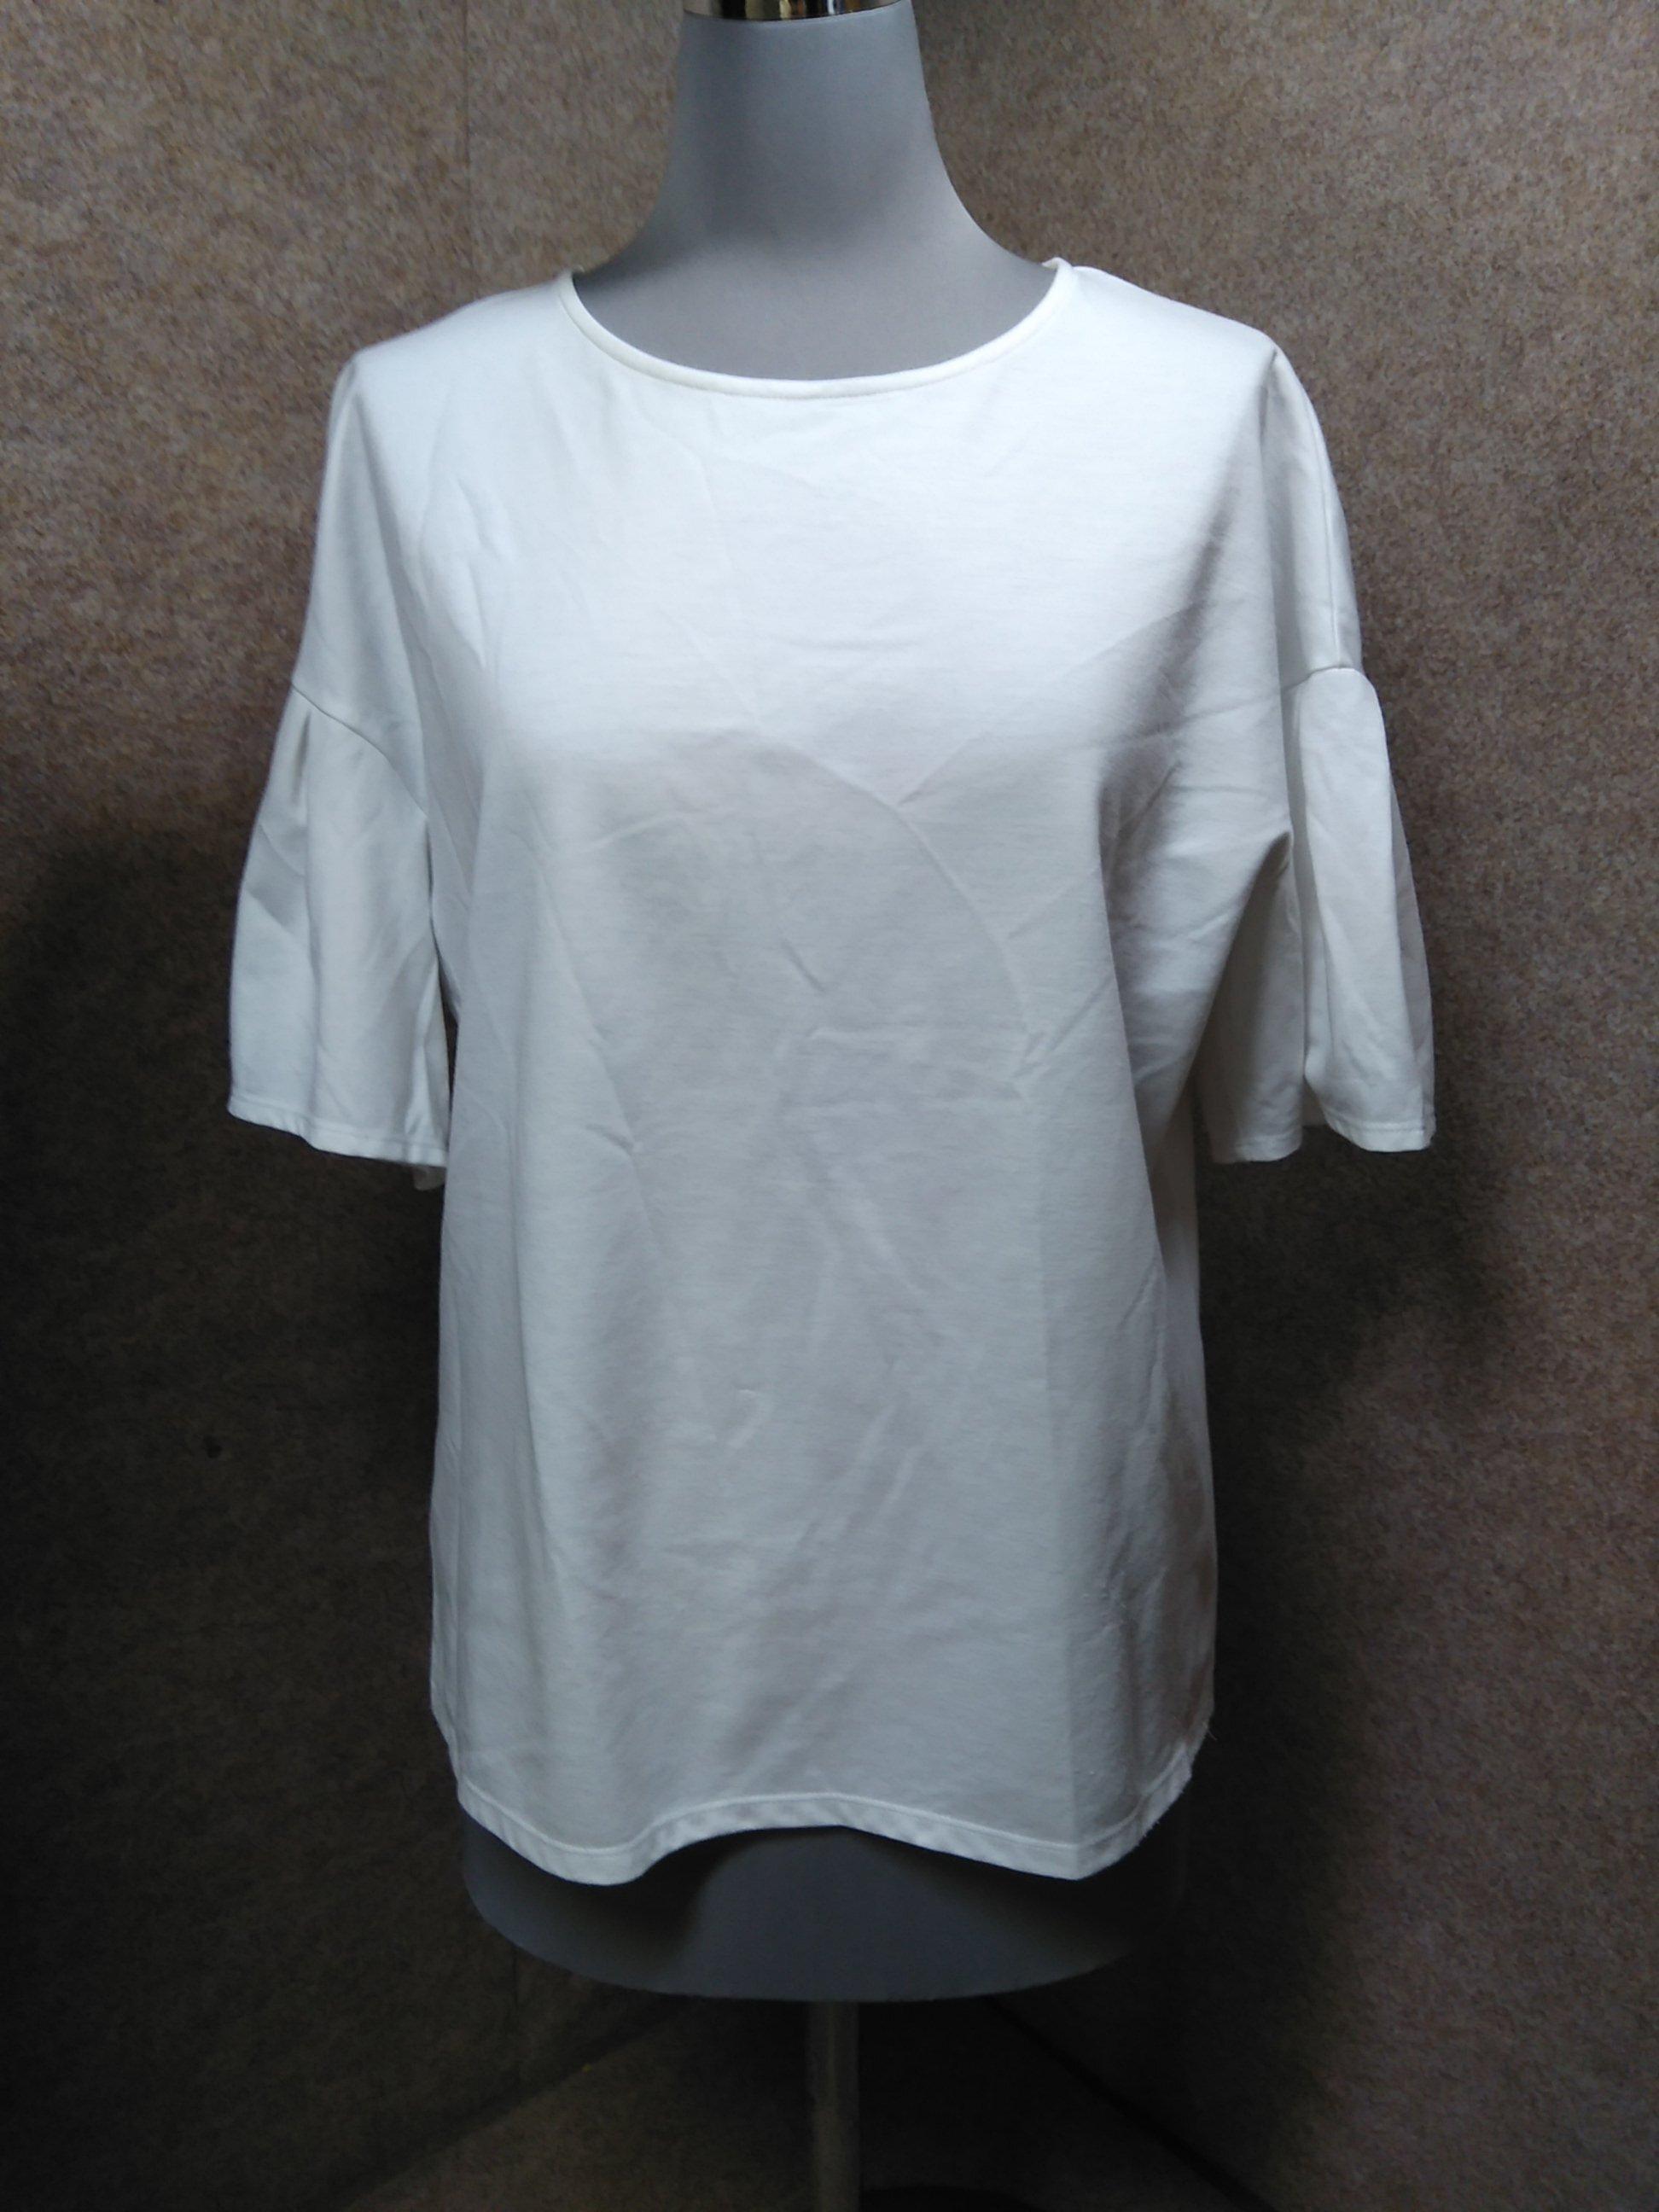 23区 Tシャツ カットソー 38 白 袖フレア u1091c